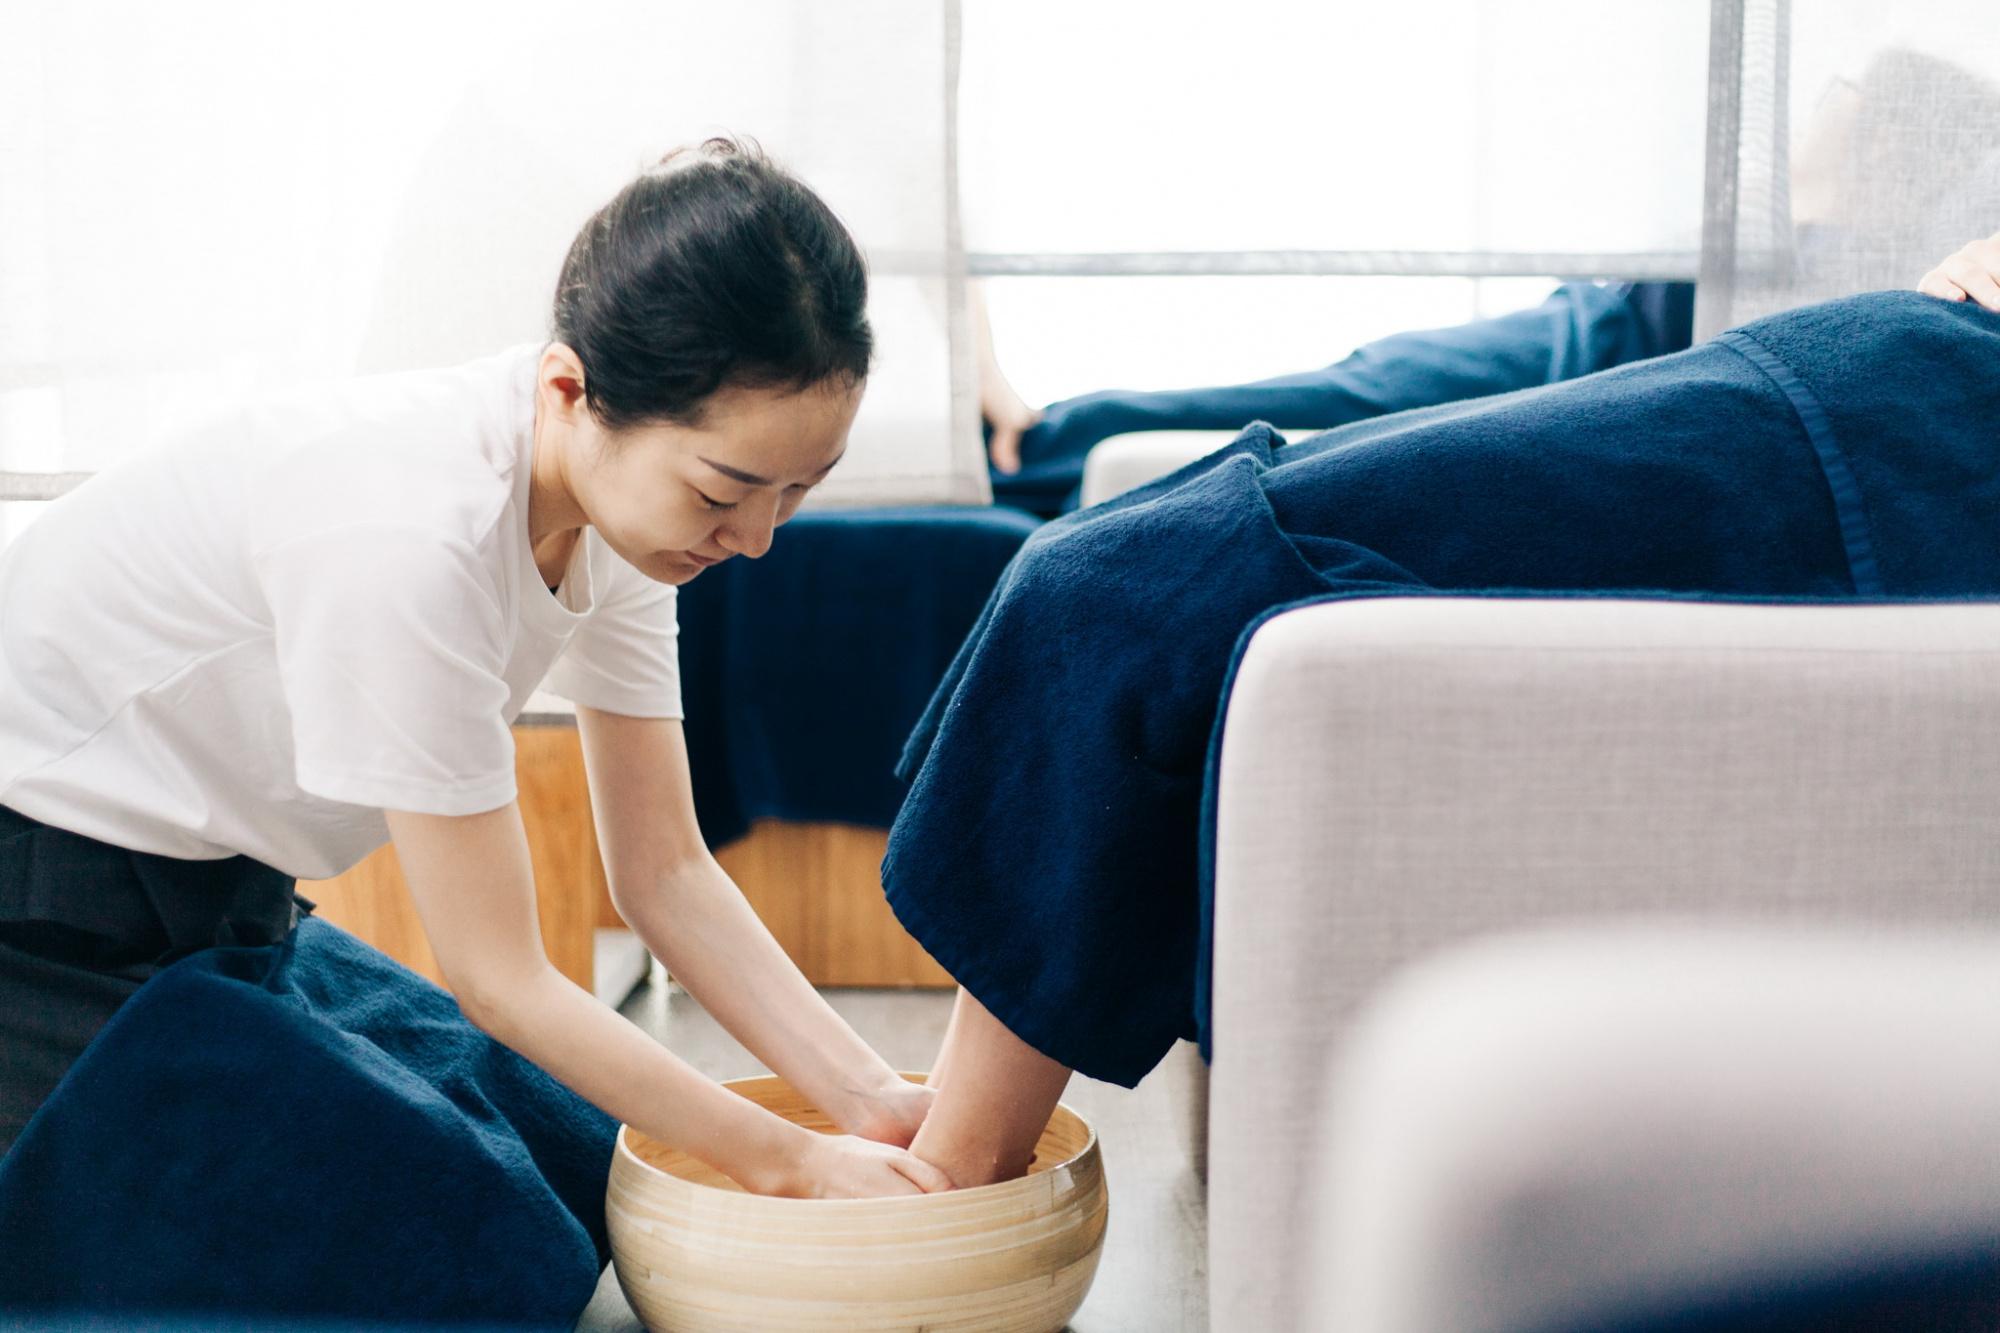 18:00発:スパ(Imai Ami The Spa/FOOT RELIEF 75分)&夕食:ベトナム料理(CHI HOA)+空港送迎